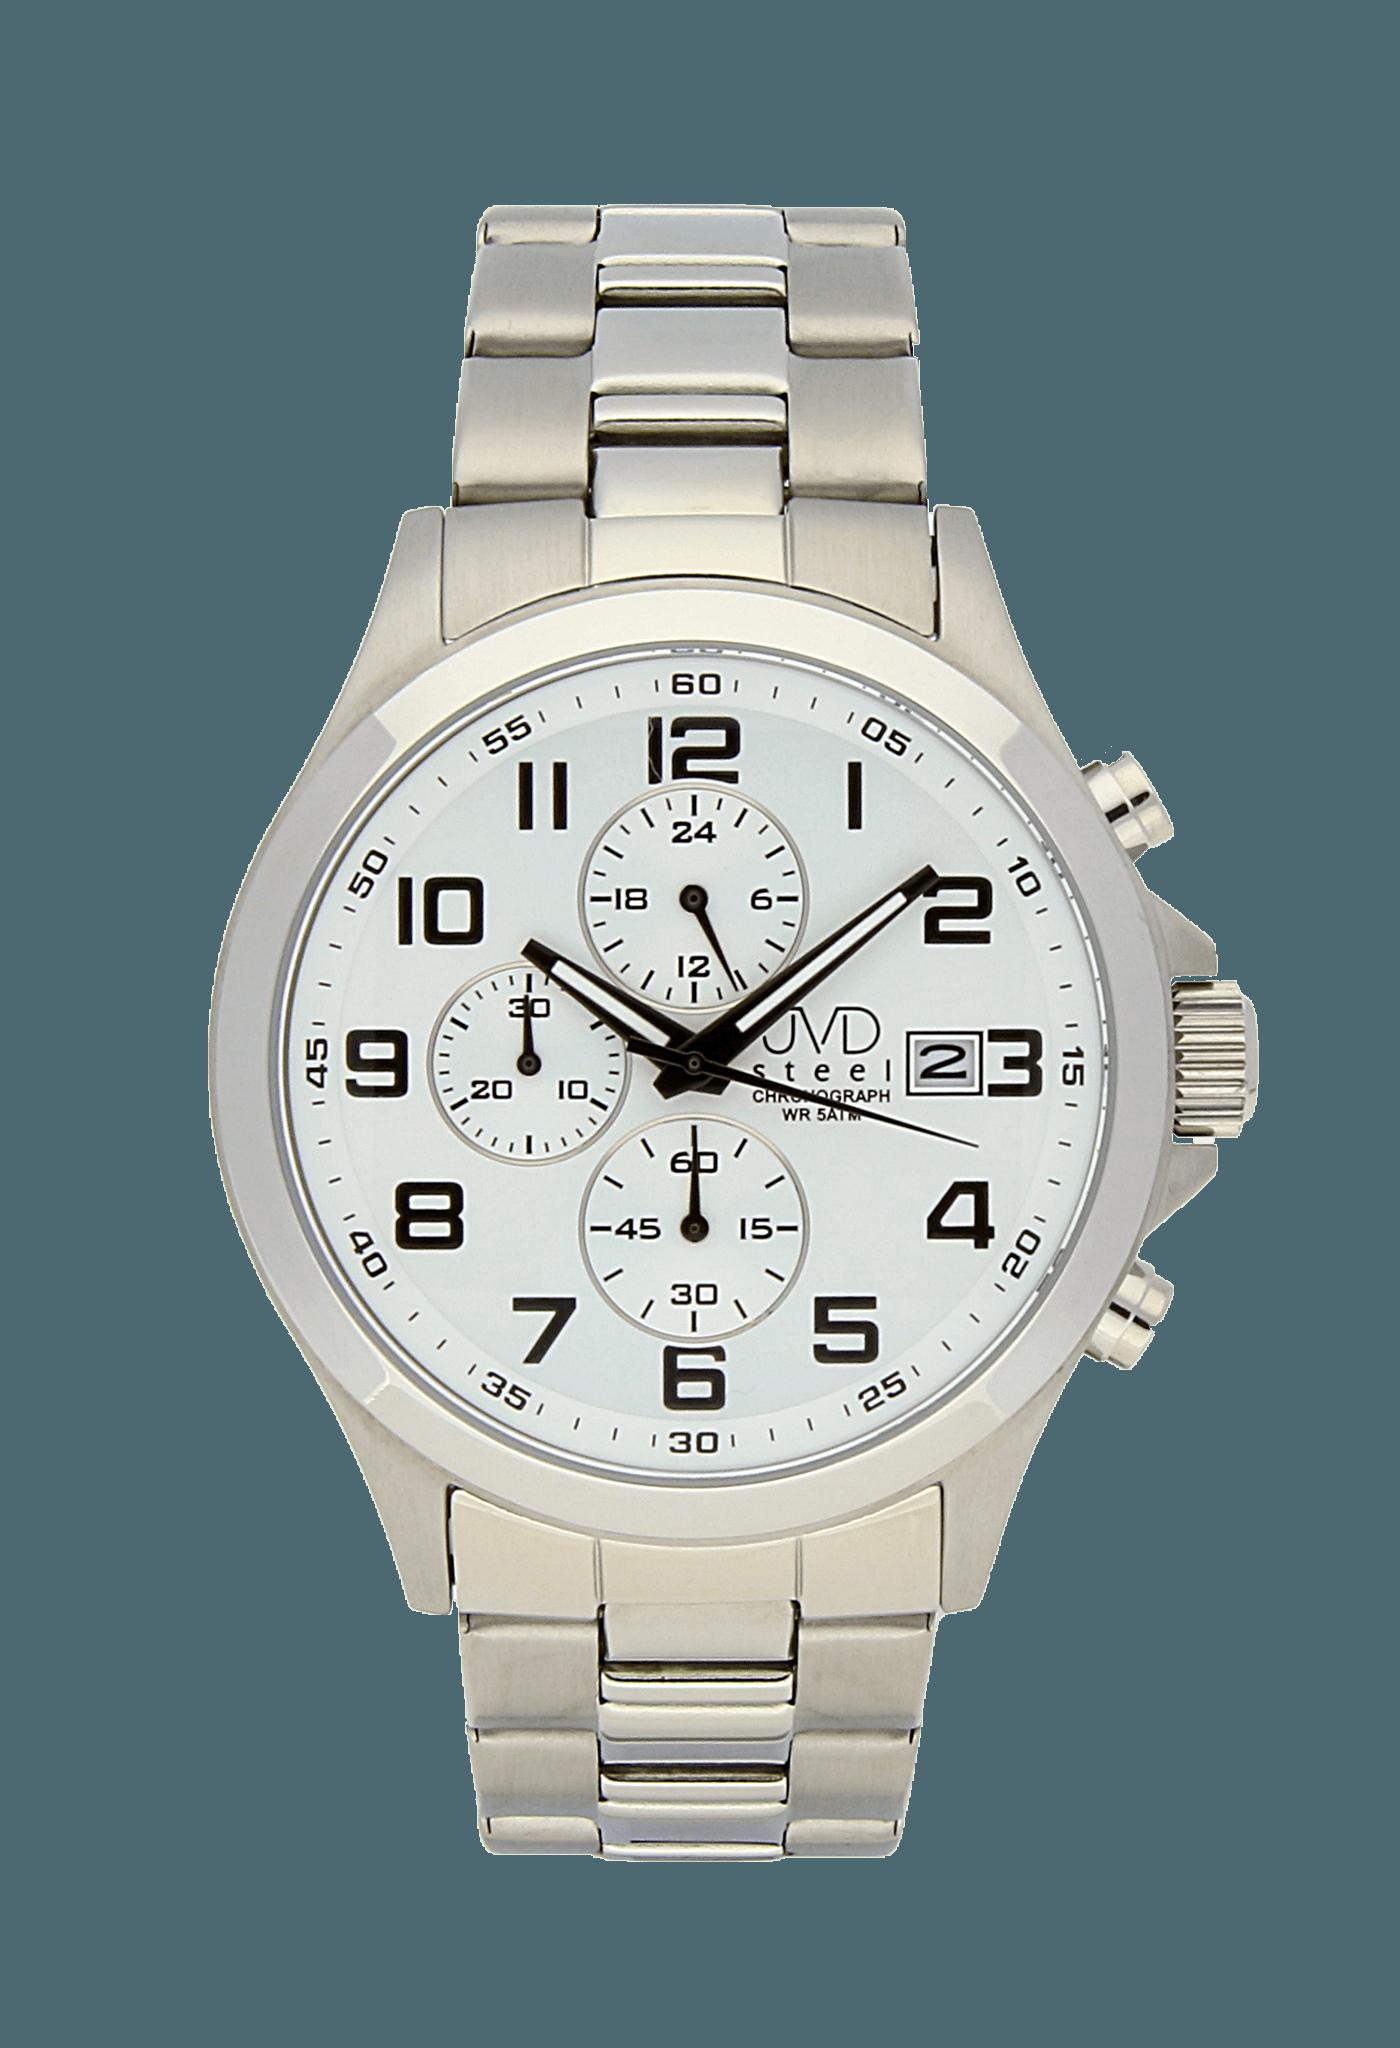 Náramkové hodinky JVD Steel JA734.1 - cs  9c5a8de4d7